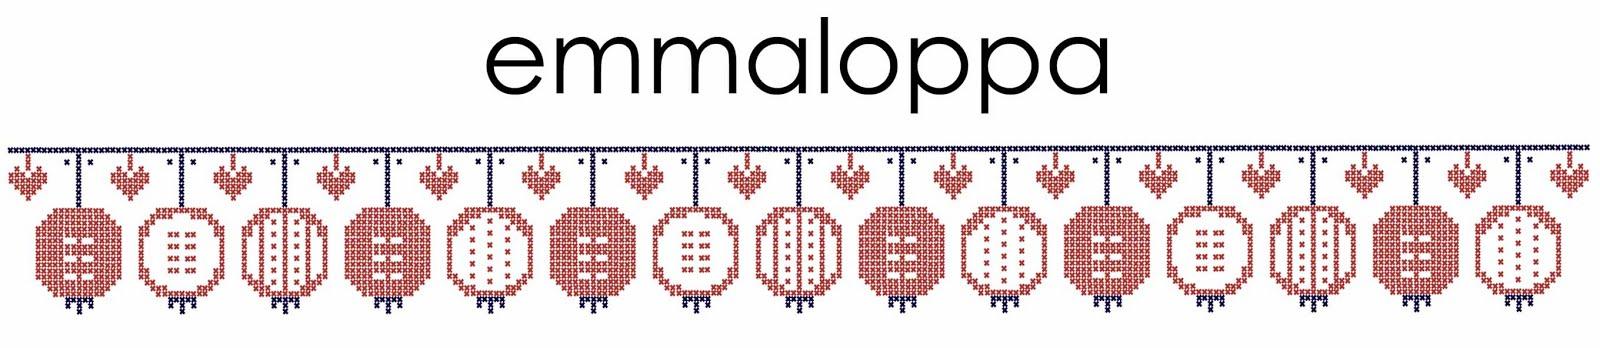 emmaloppa